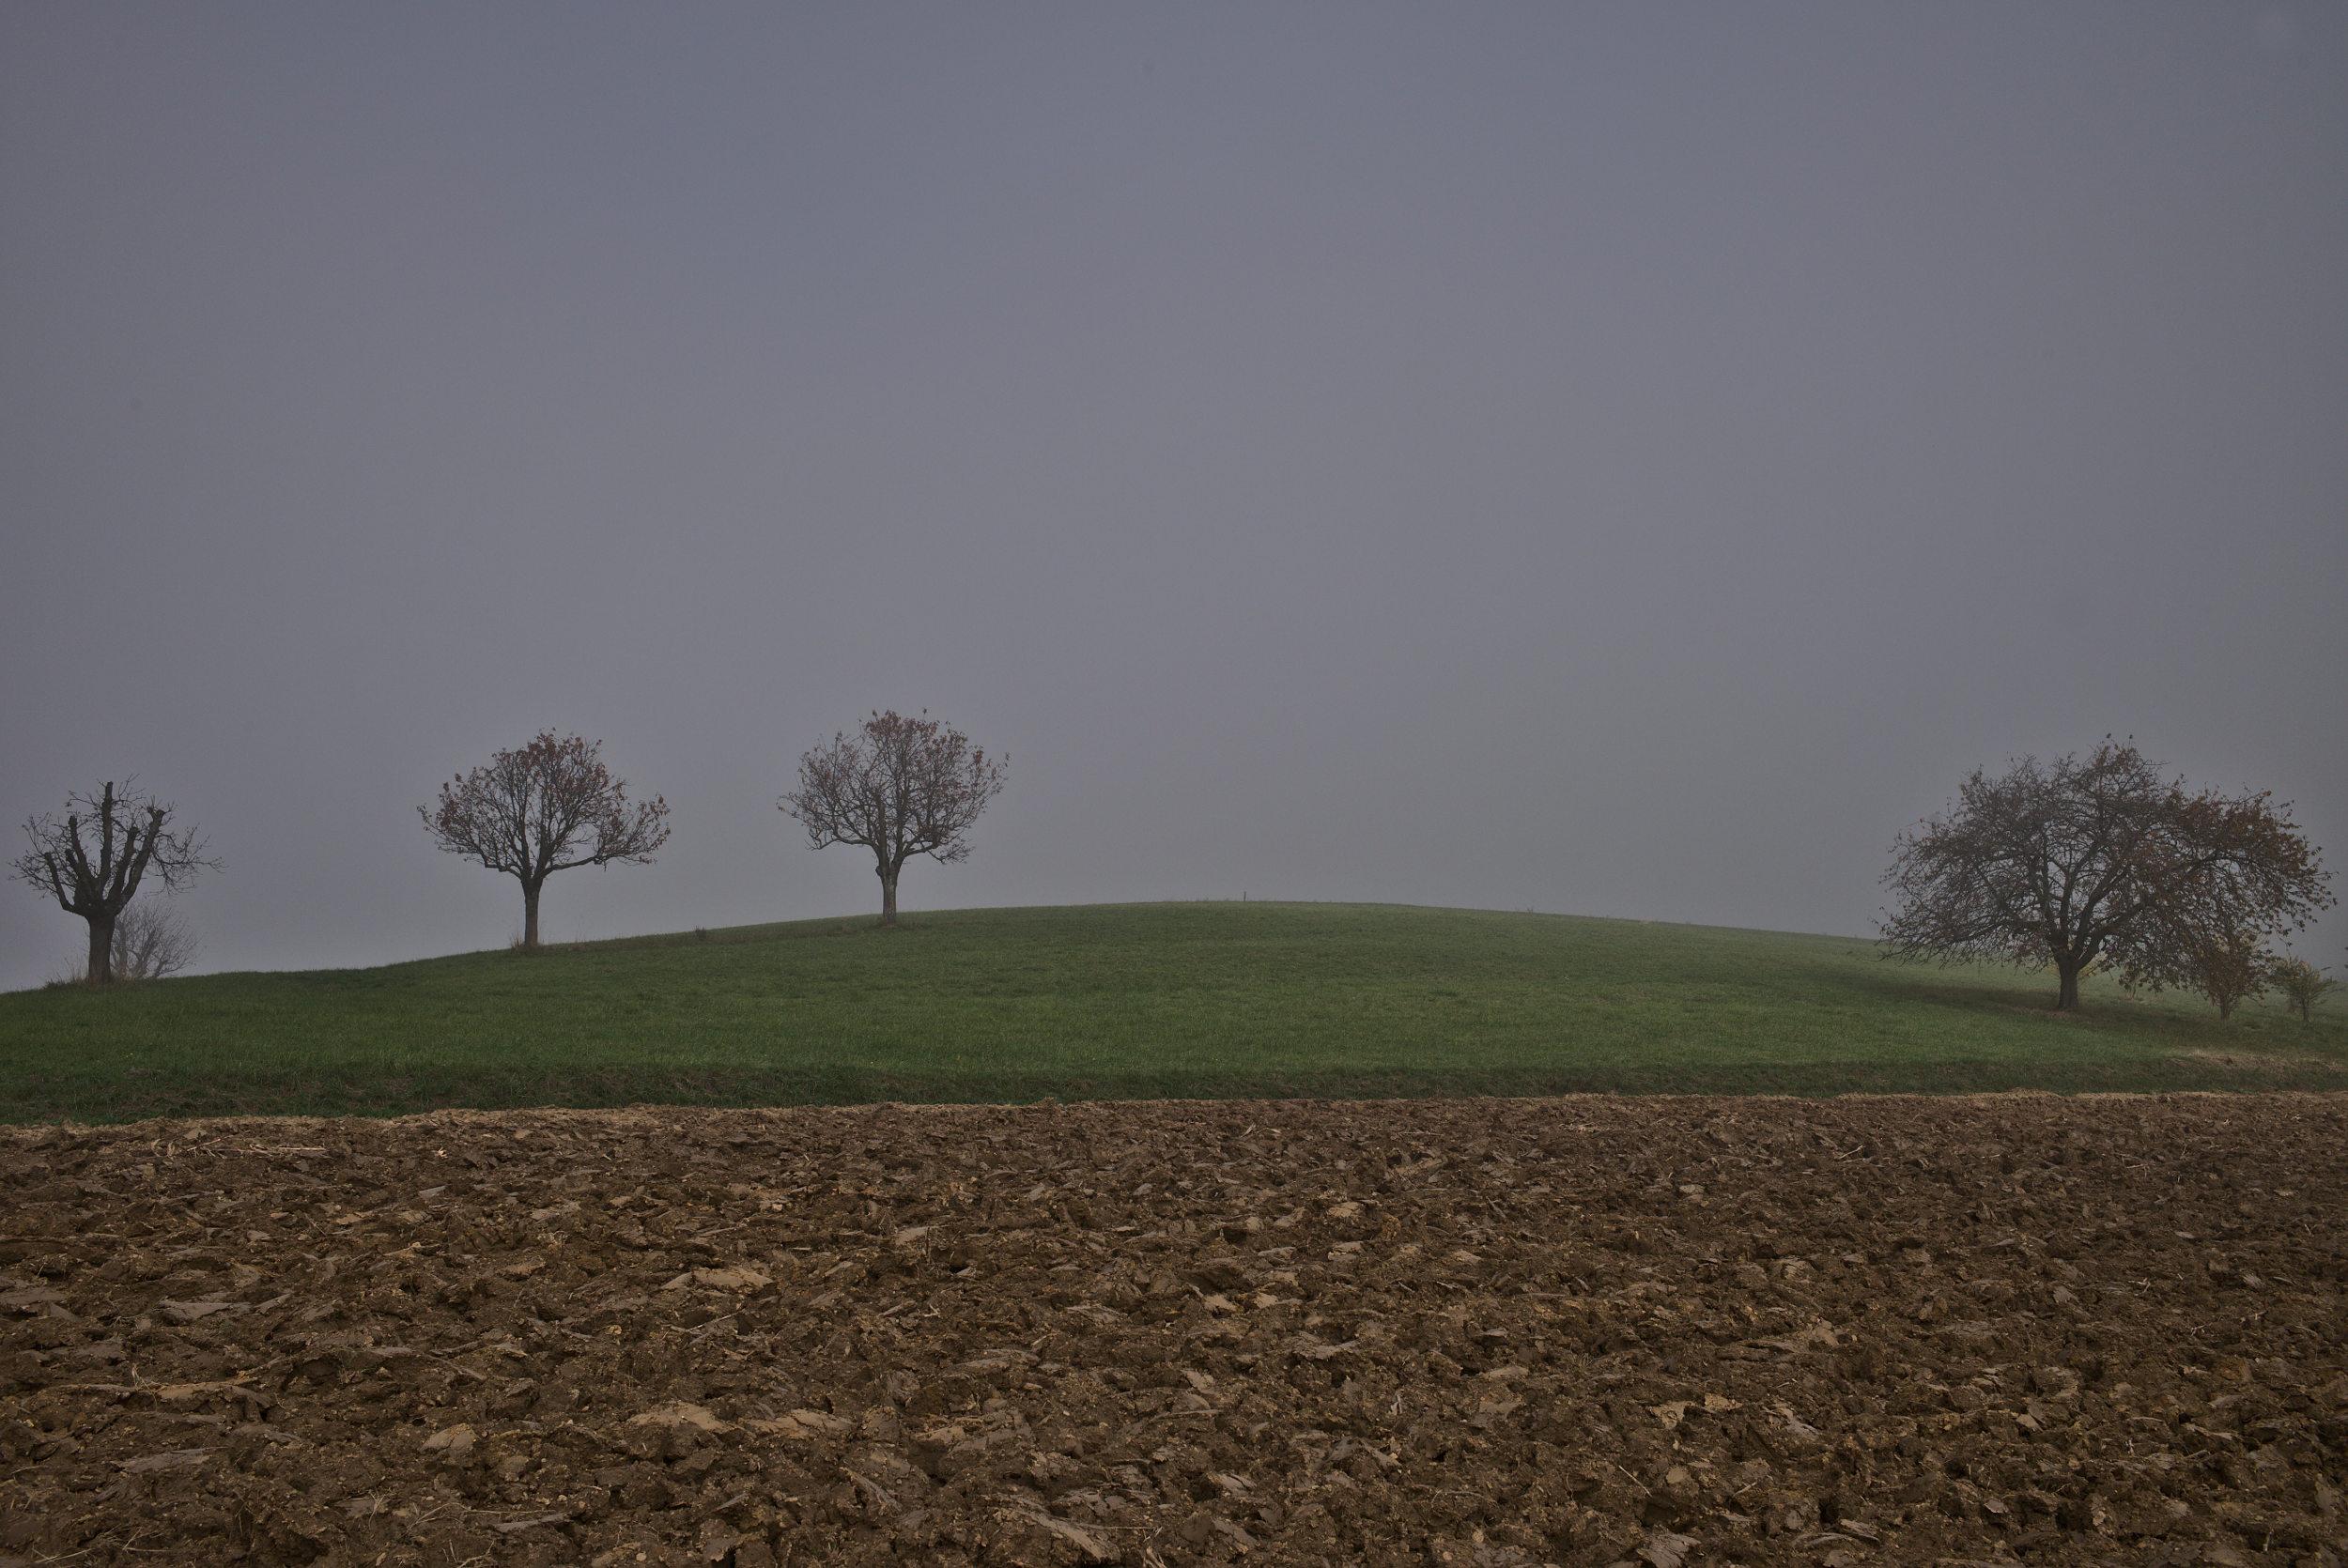 Die 4 - fotografiert mit Leica M und Summicron-M 35 mm @ f/6.0.